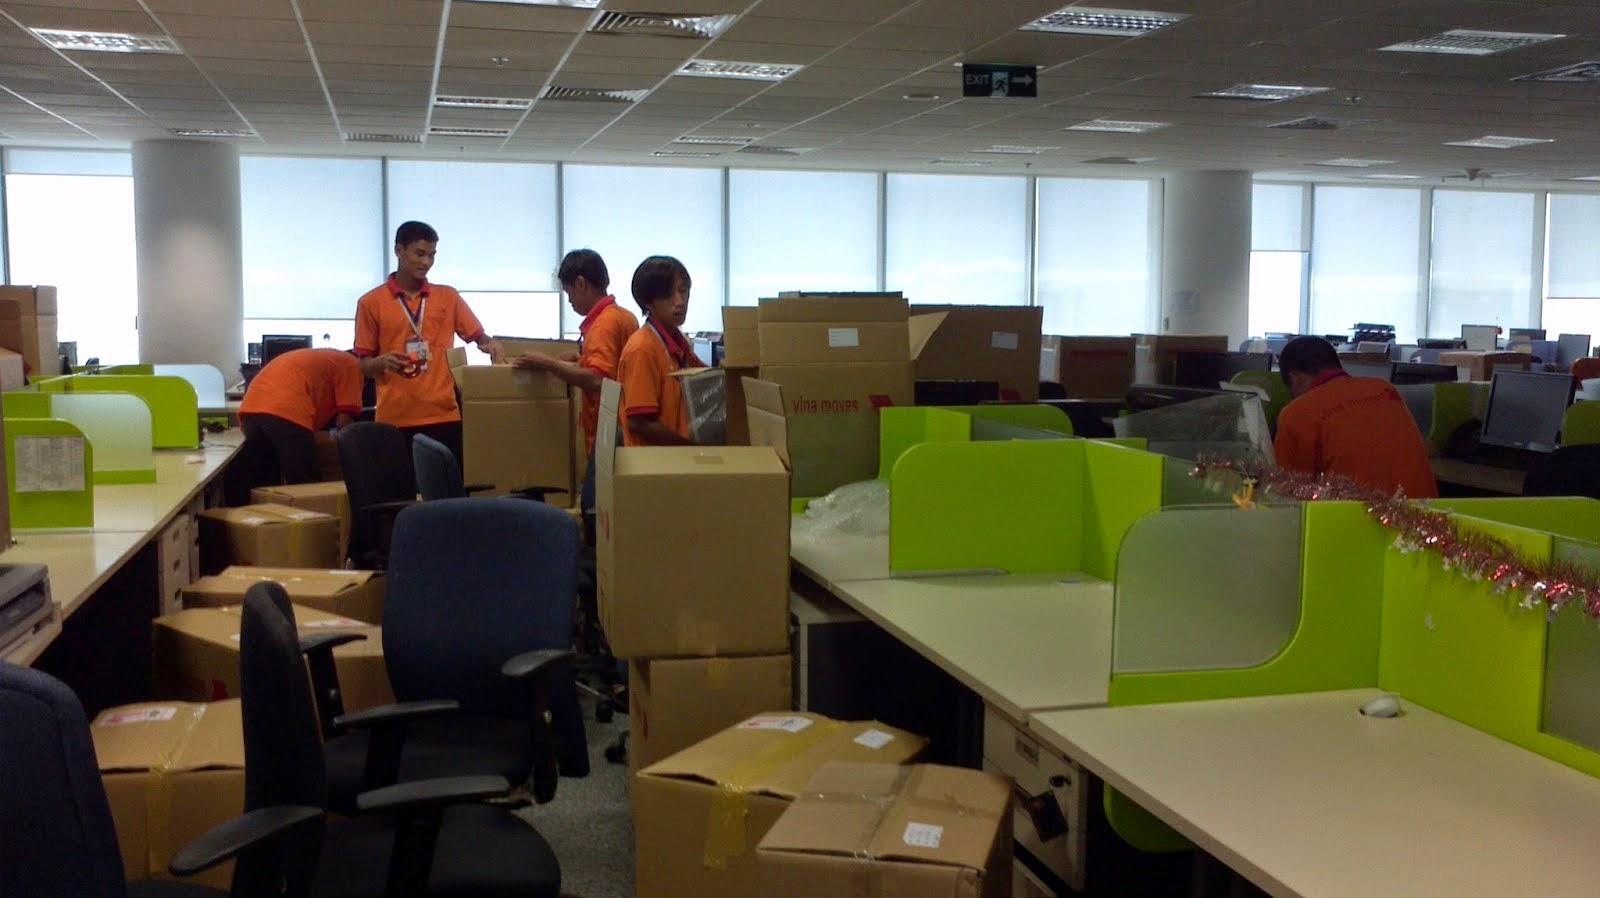 Chuyển văn phòng trọn gói TP.HCM